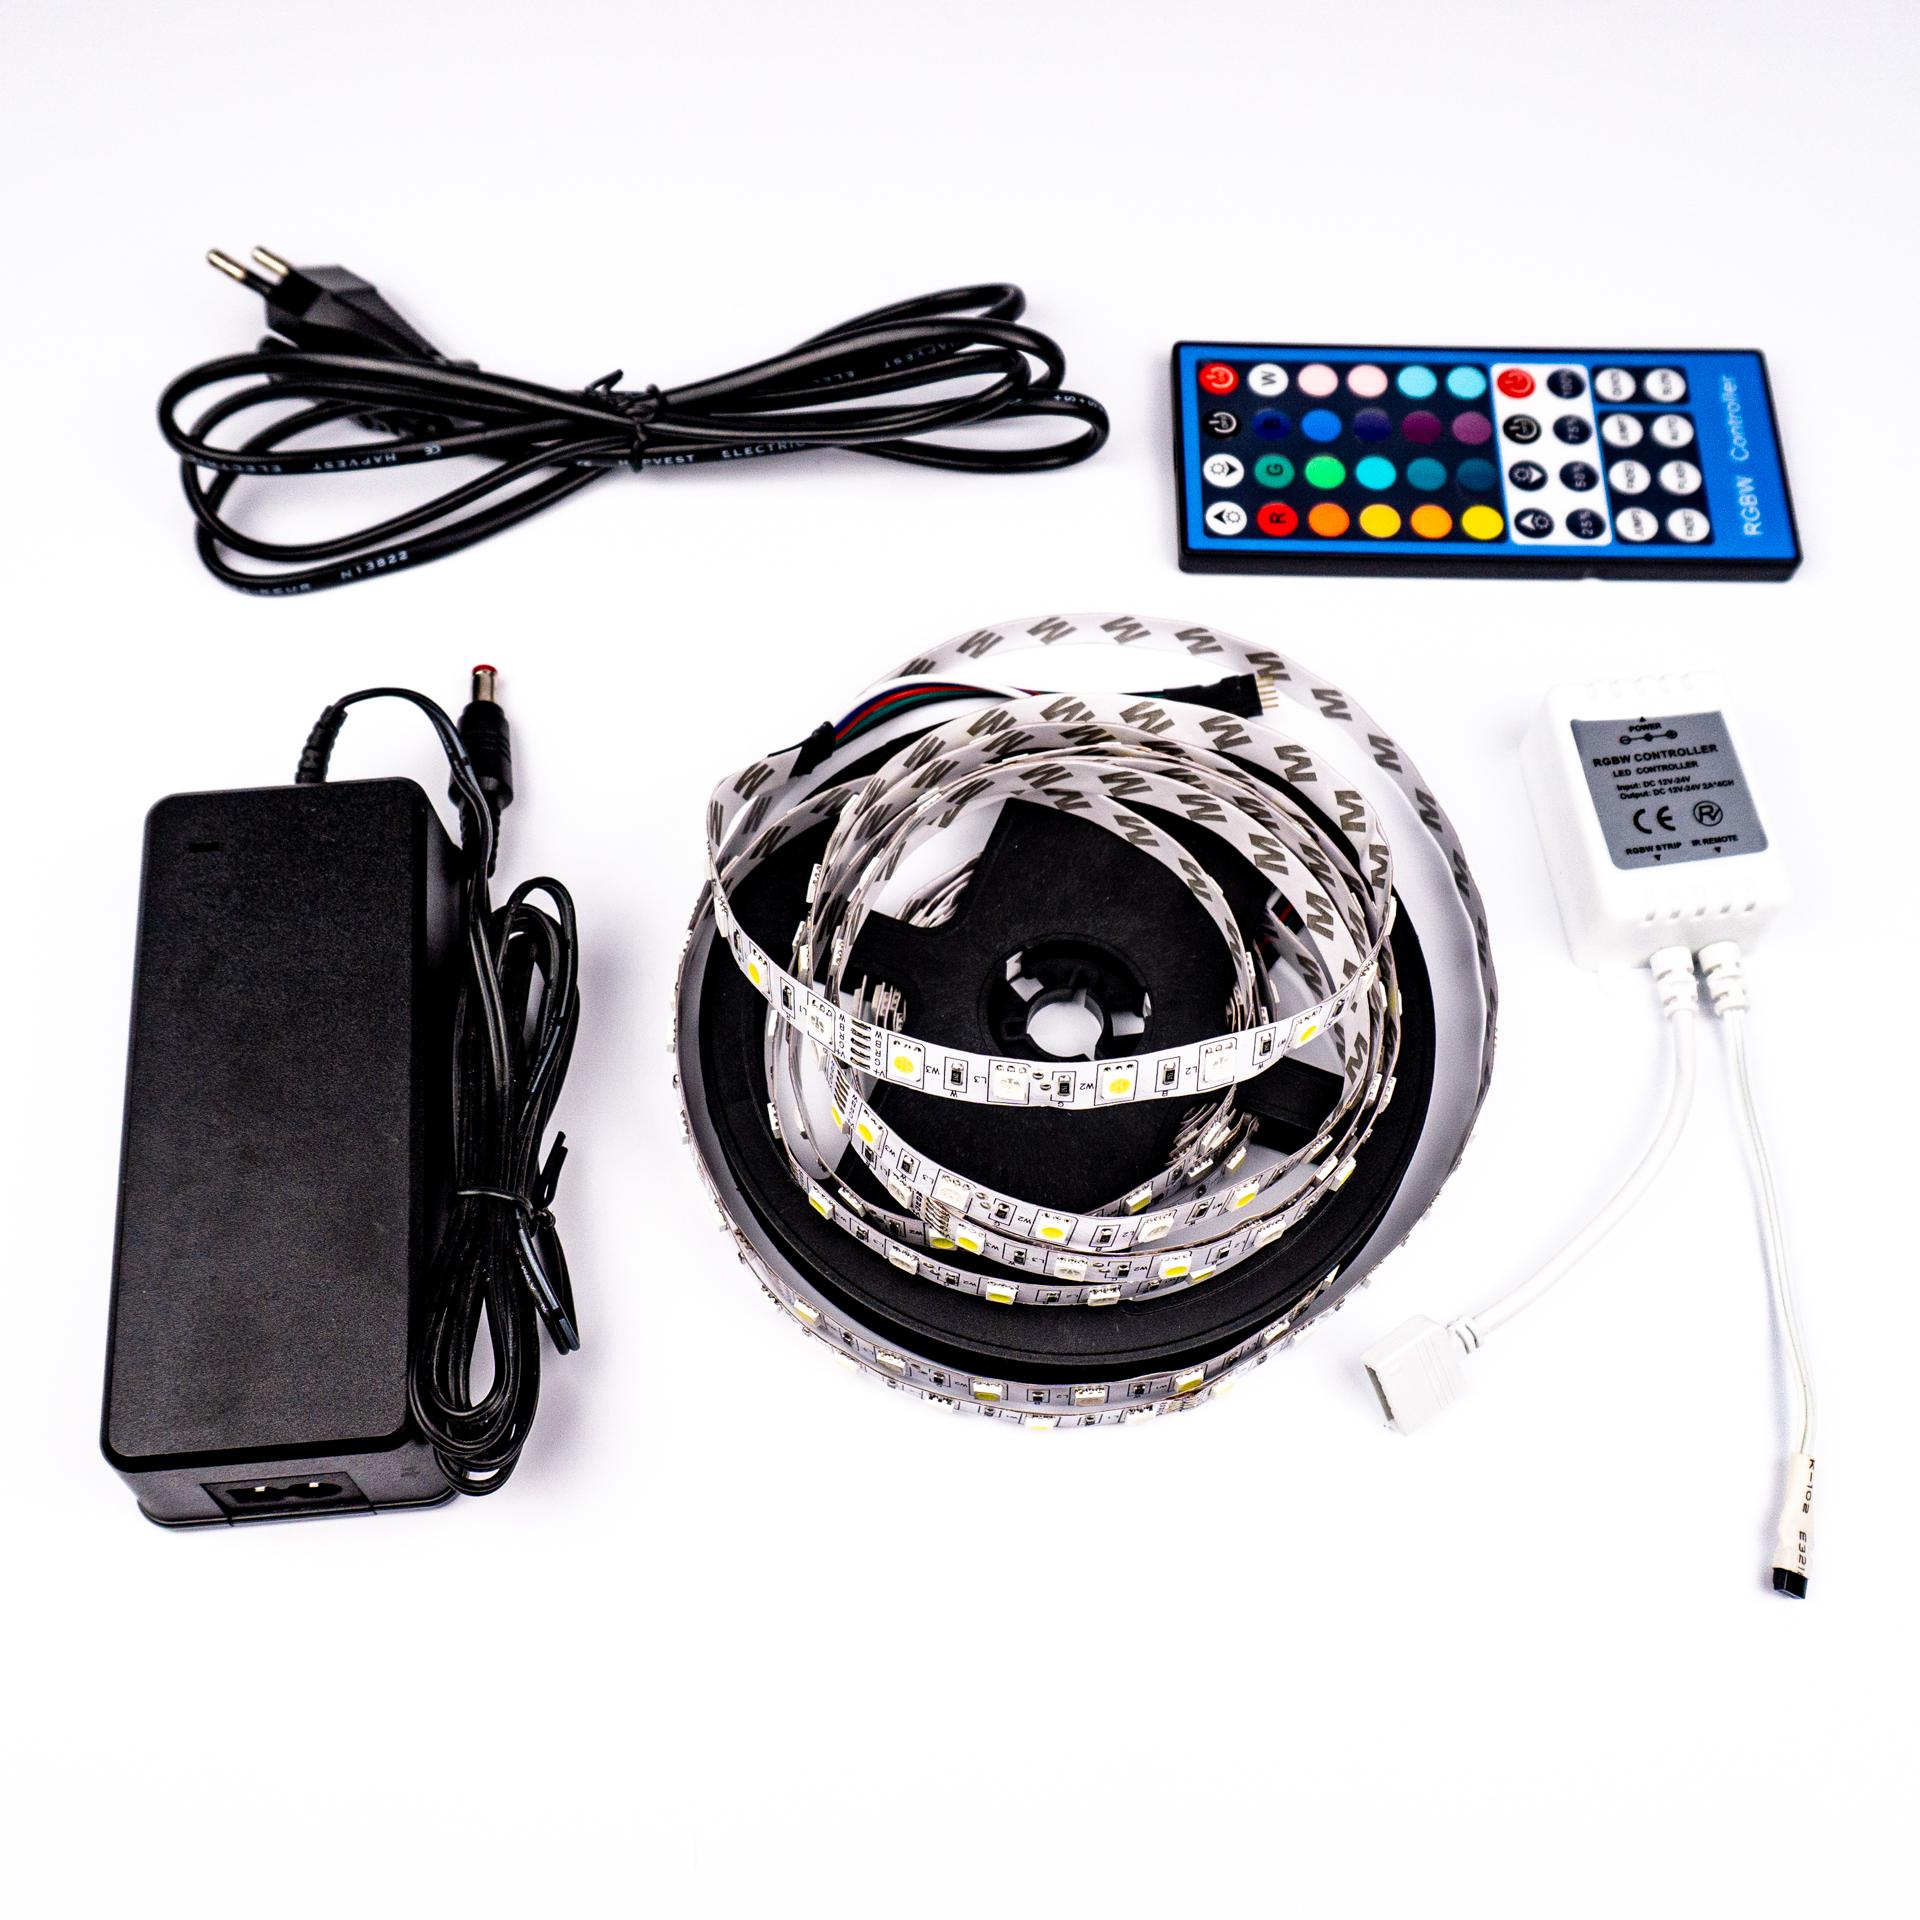 Komplett LED Szalag Szett Beltéri RGBW Színes és Hideg Fehér 5050 60 LED/M RF 5 Méter LSS-5RGBWRF